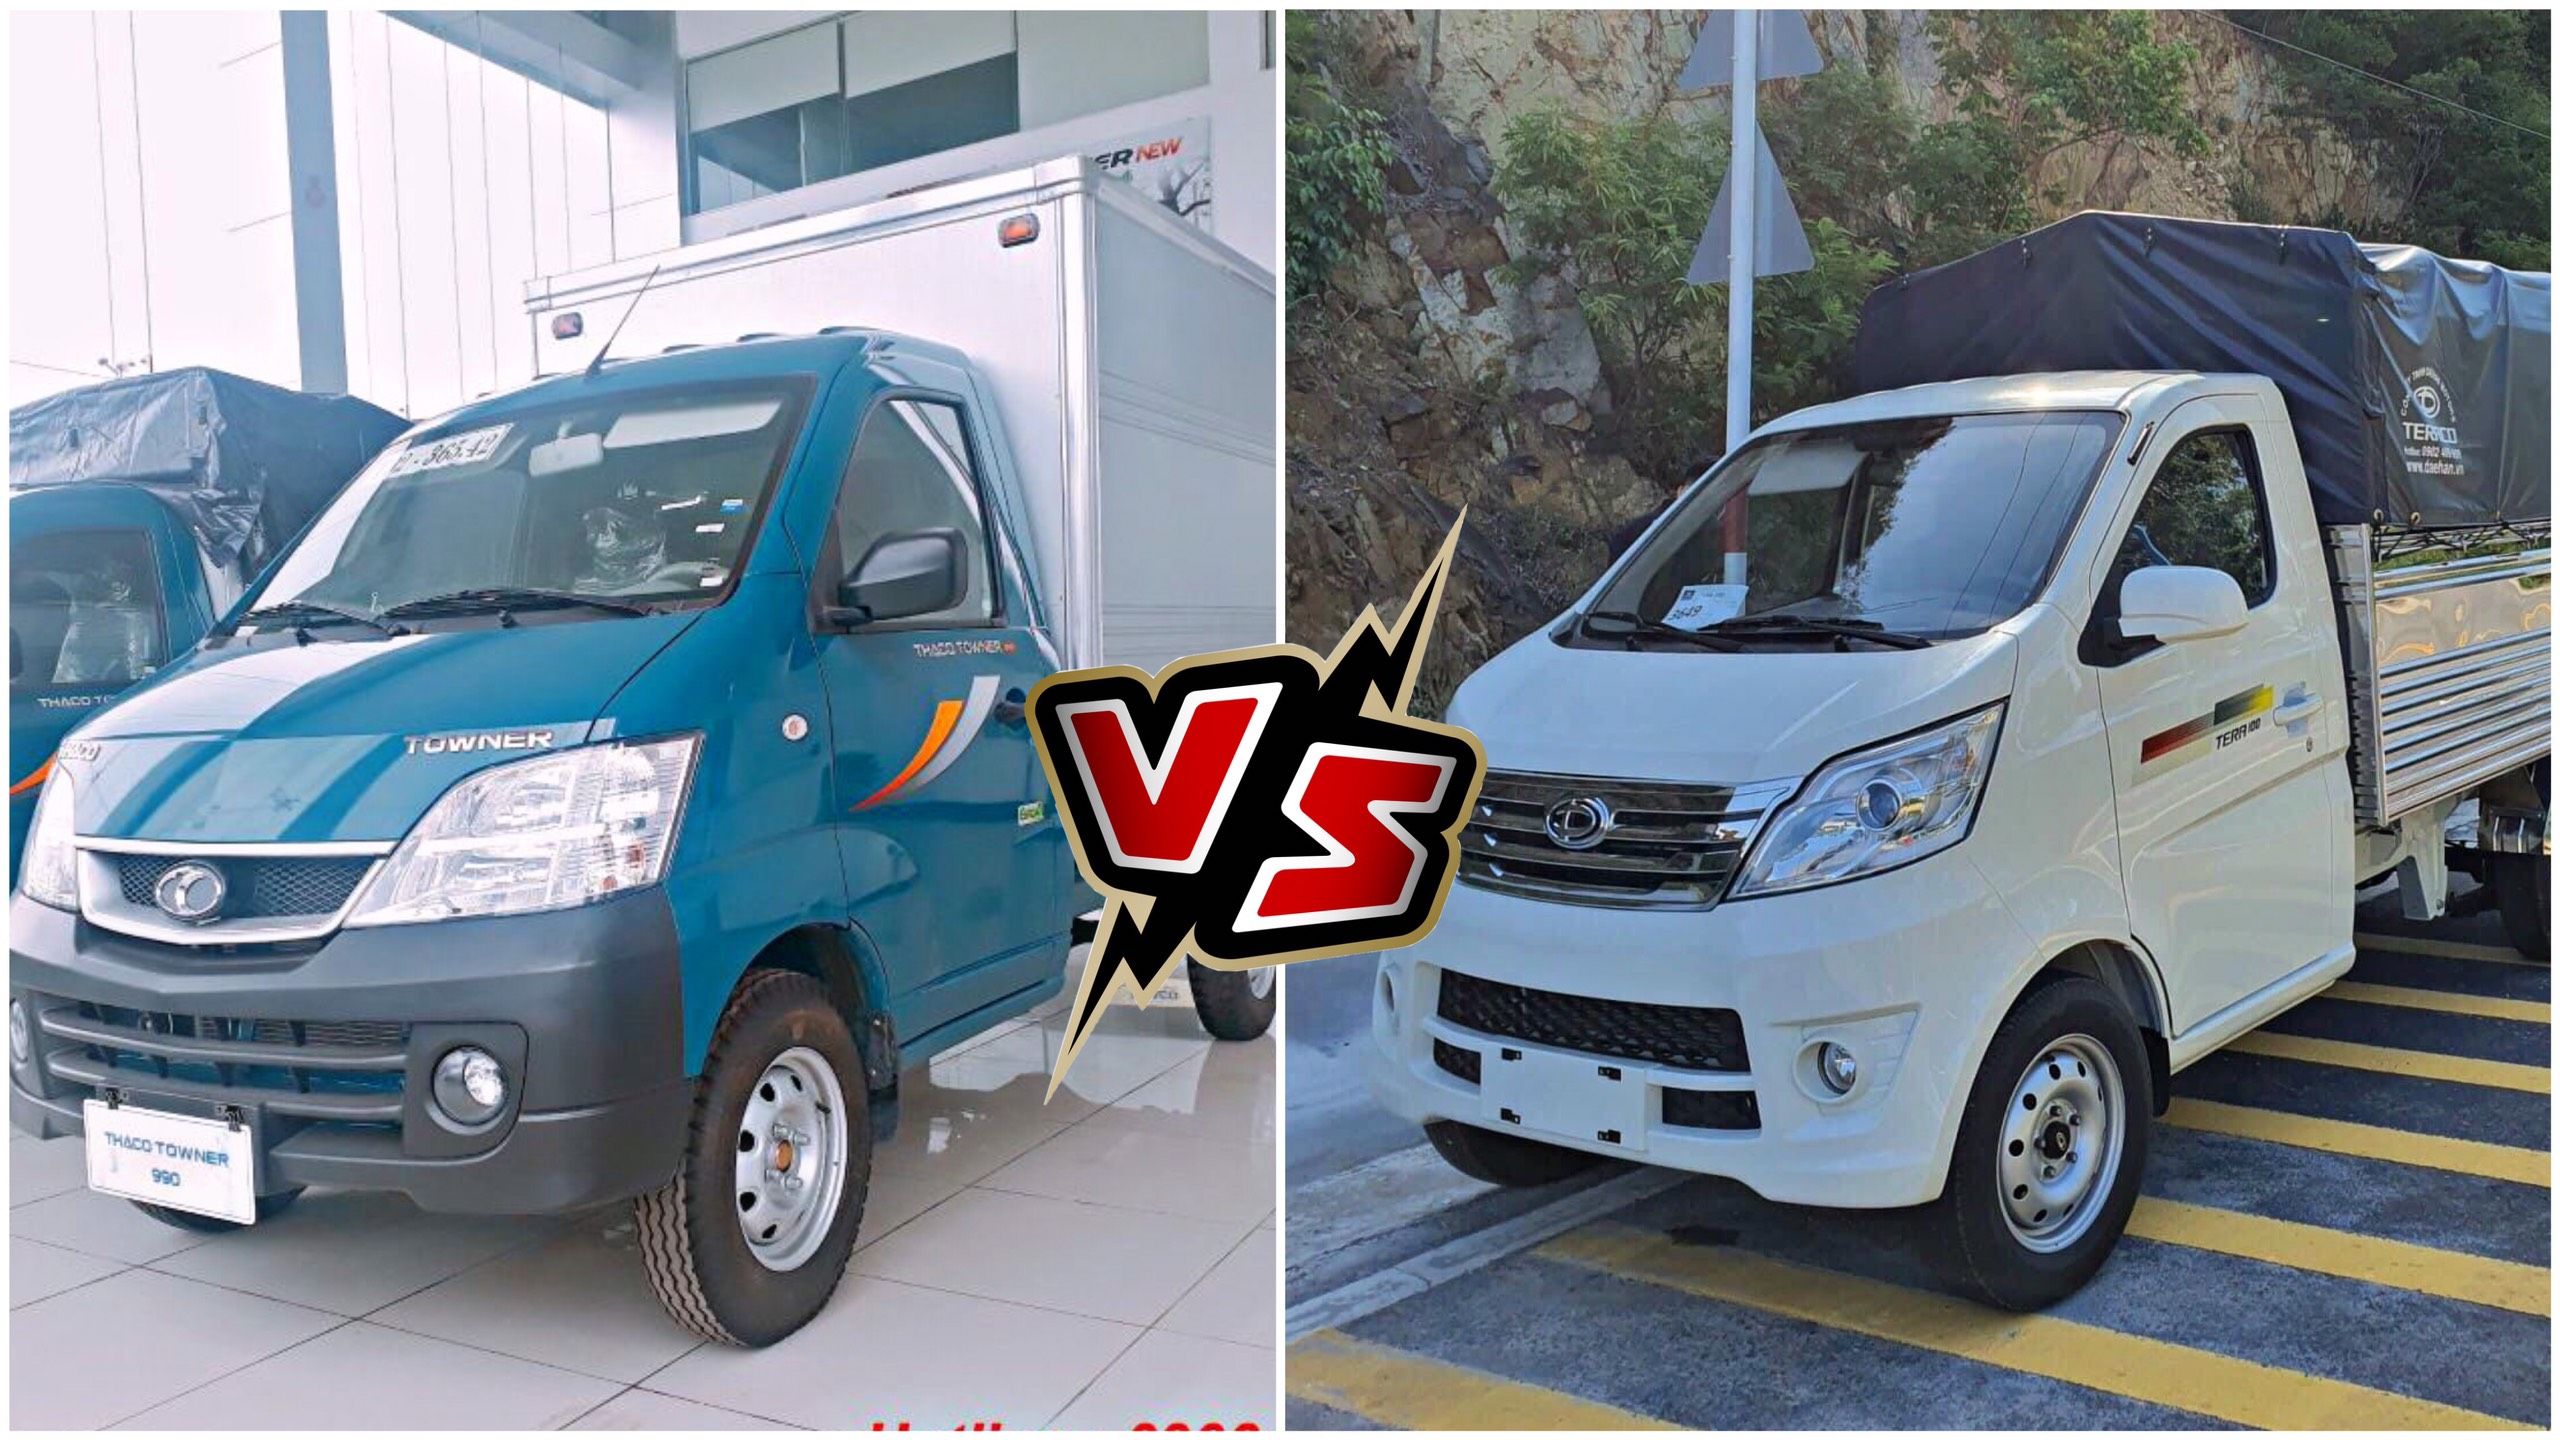 So sánh Tera 100 vs Thaco Towner 990